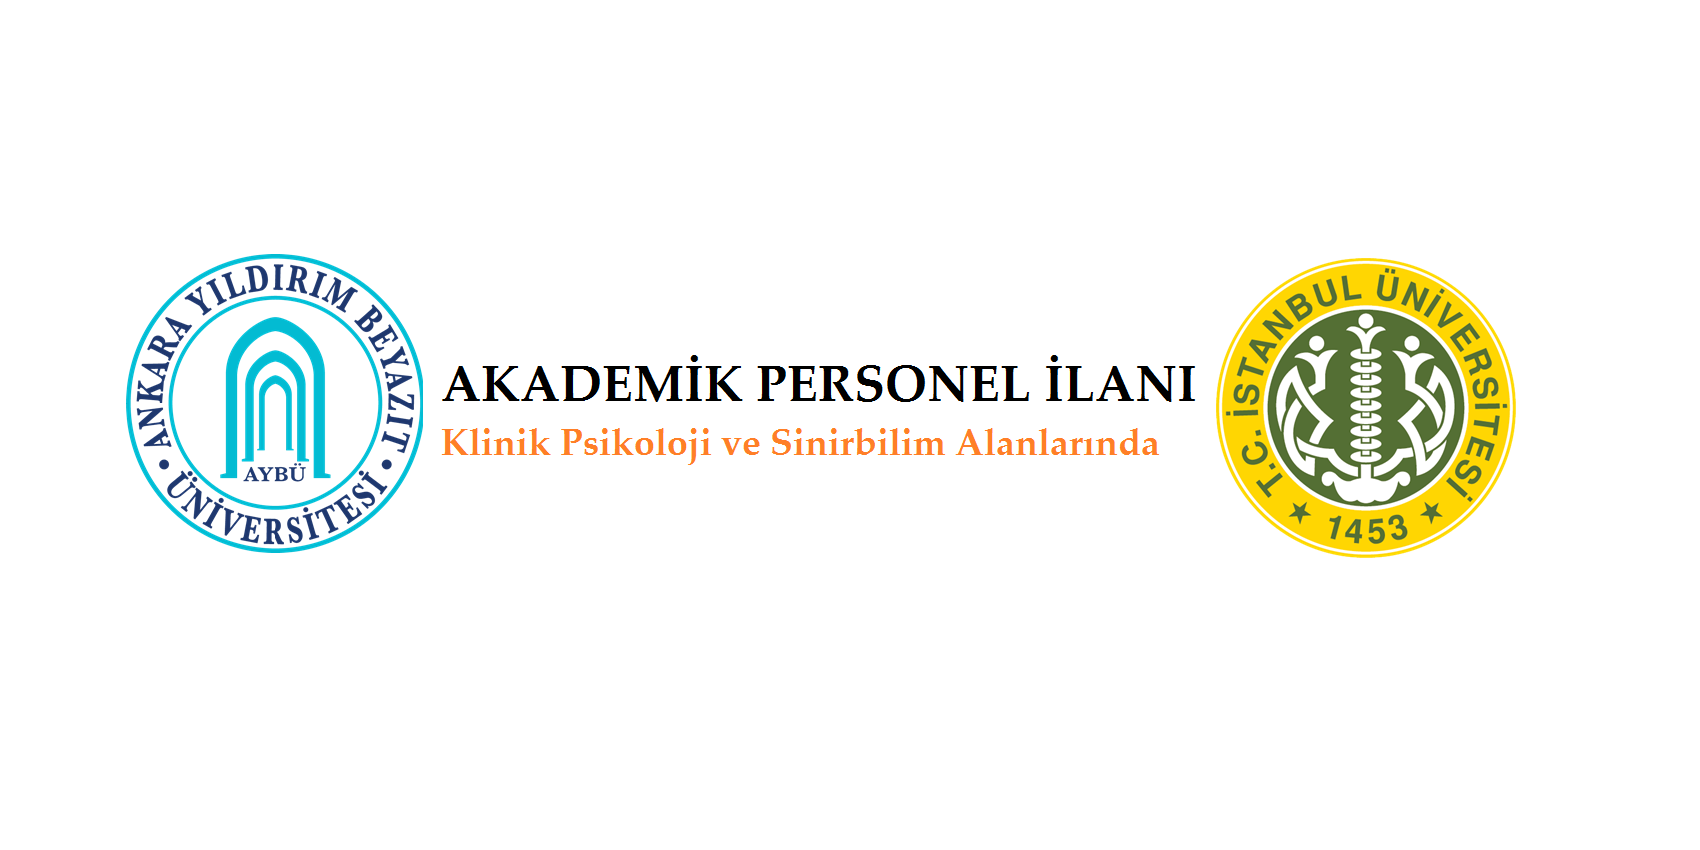 İstanbul ve Ankara Yıldırım Beyazıt Üniversiteleri Akademik Personel İlanları